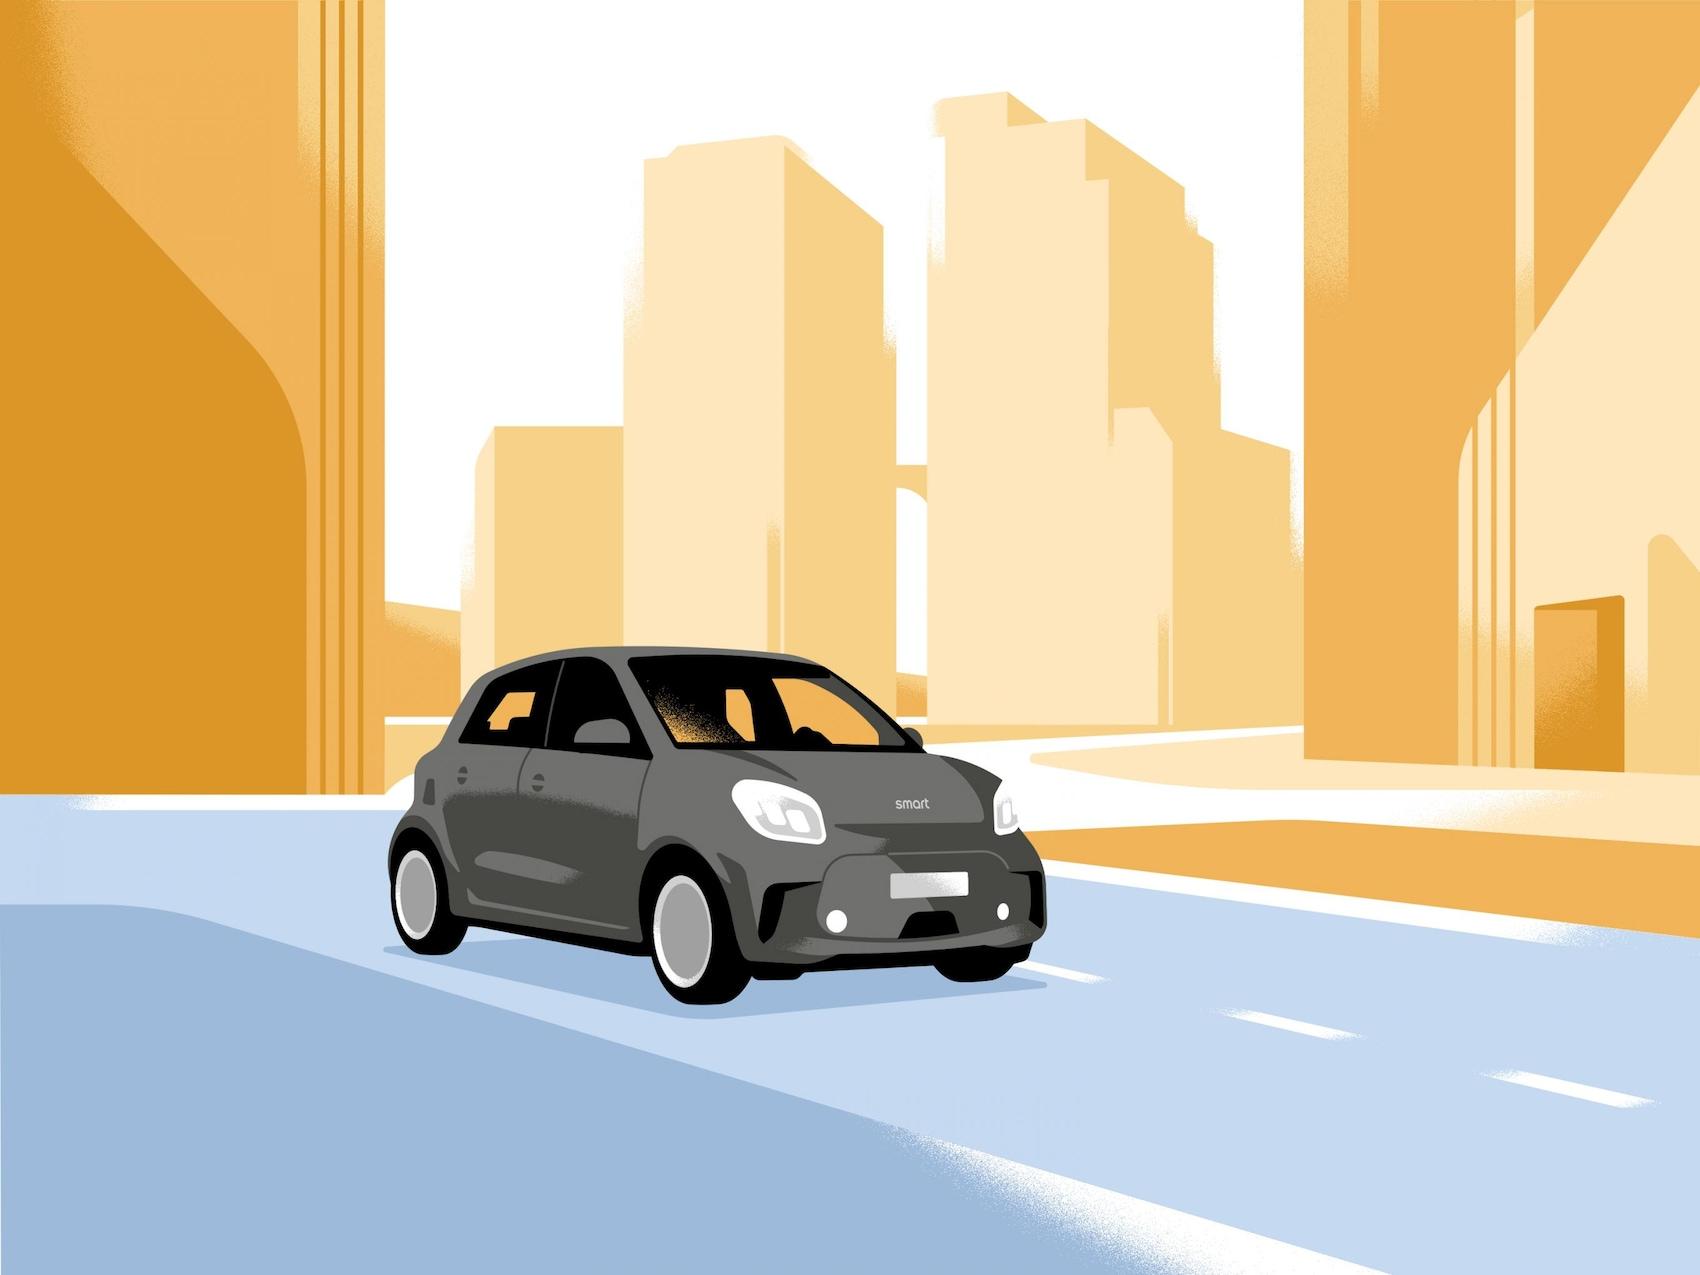 Ein smart EQ forfour fährt aus einer Stadt heraus.